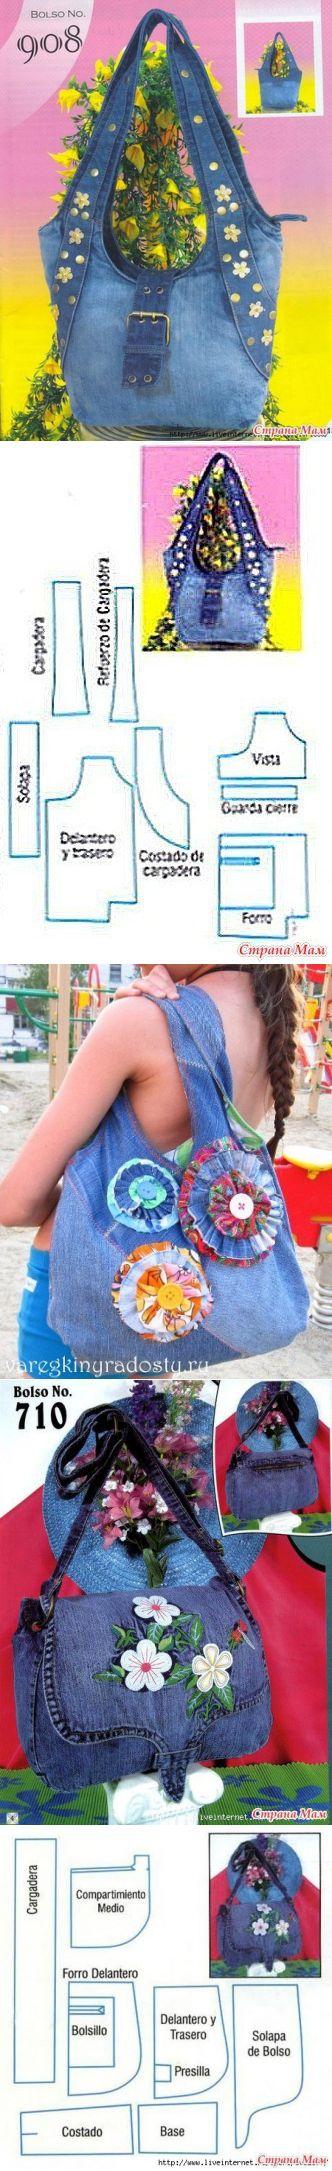 Джинсовые сумки.Идеи+выкройки (Шитье и крой) | Журнал Вдохновение Рукодельницы